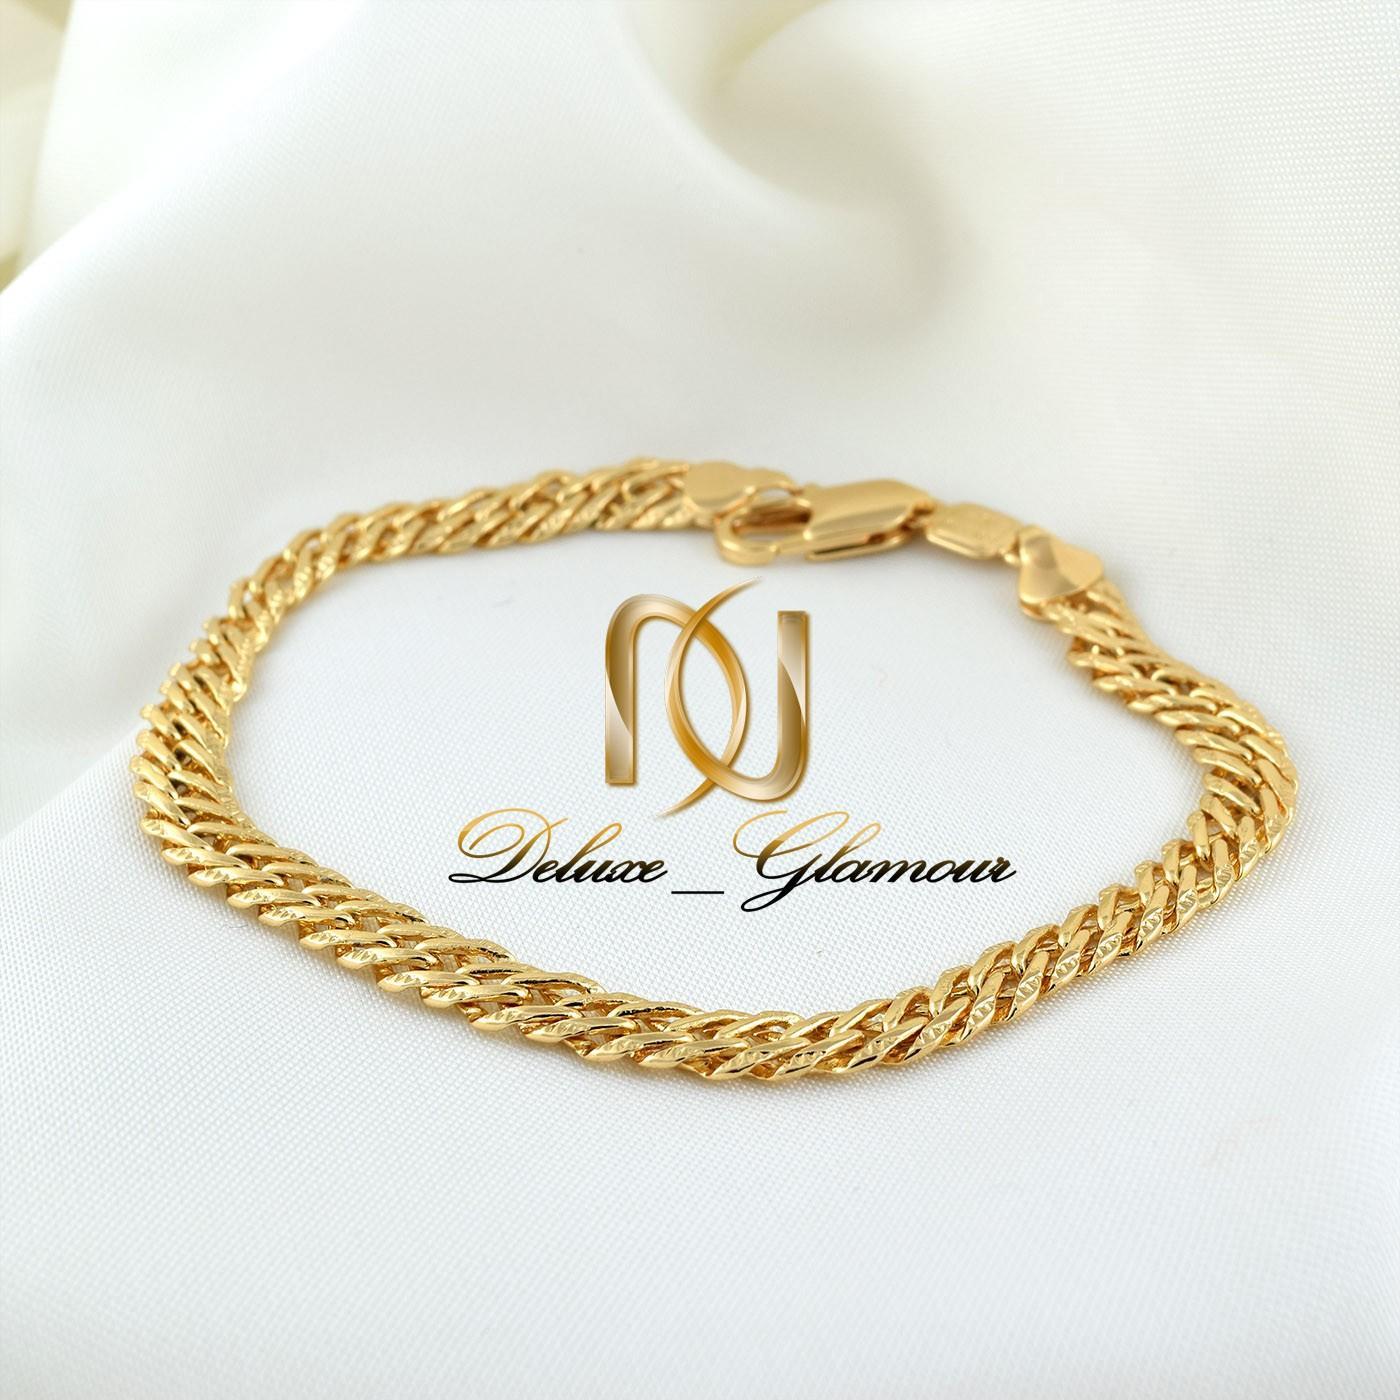 دستبند زنانه ژوپینگ طرح طلا با طول 22 سانتی ds-n266